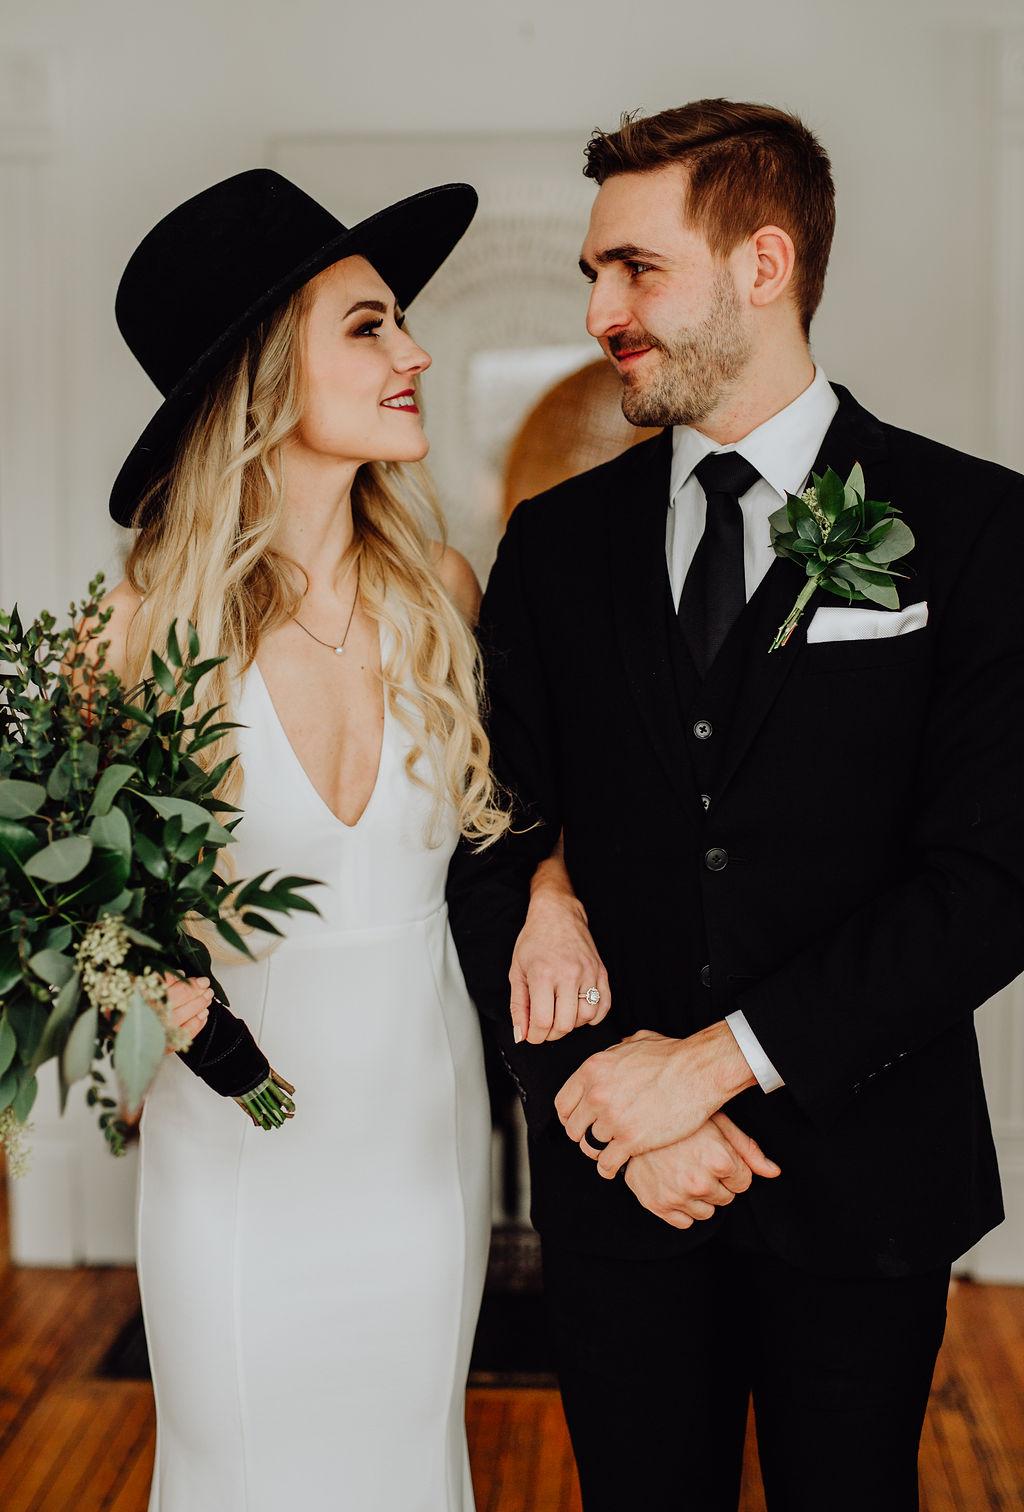 Our Intimate Courthouse Wedding | Greenery Bouquet & Black Bridal Hat | Miranda Schroeder Blog | www.mirandaschroeder.com